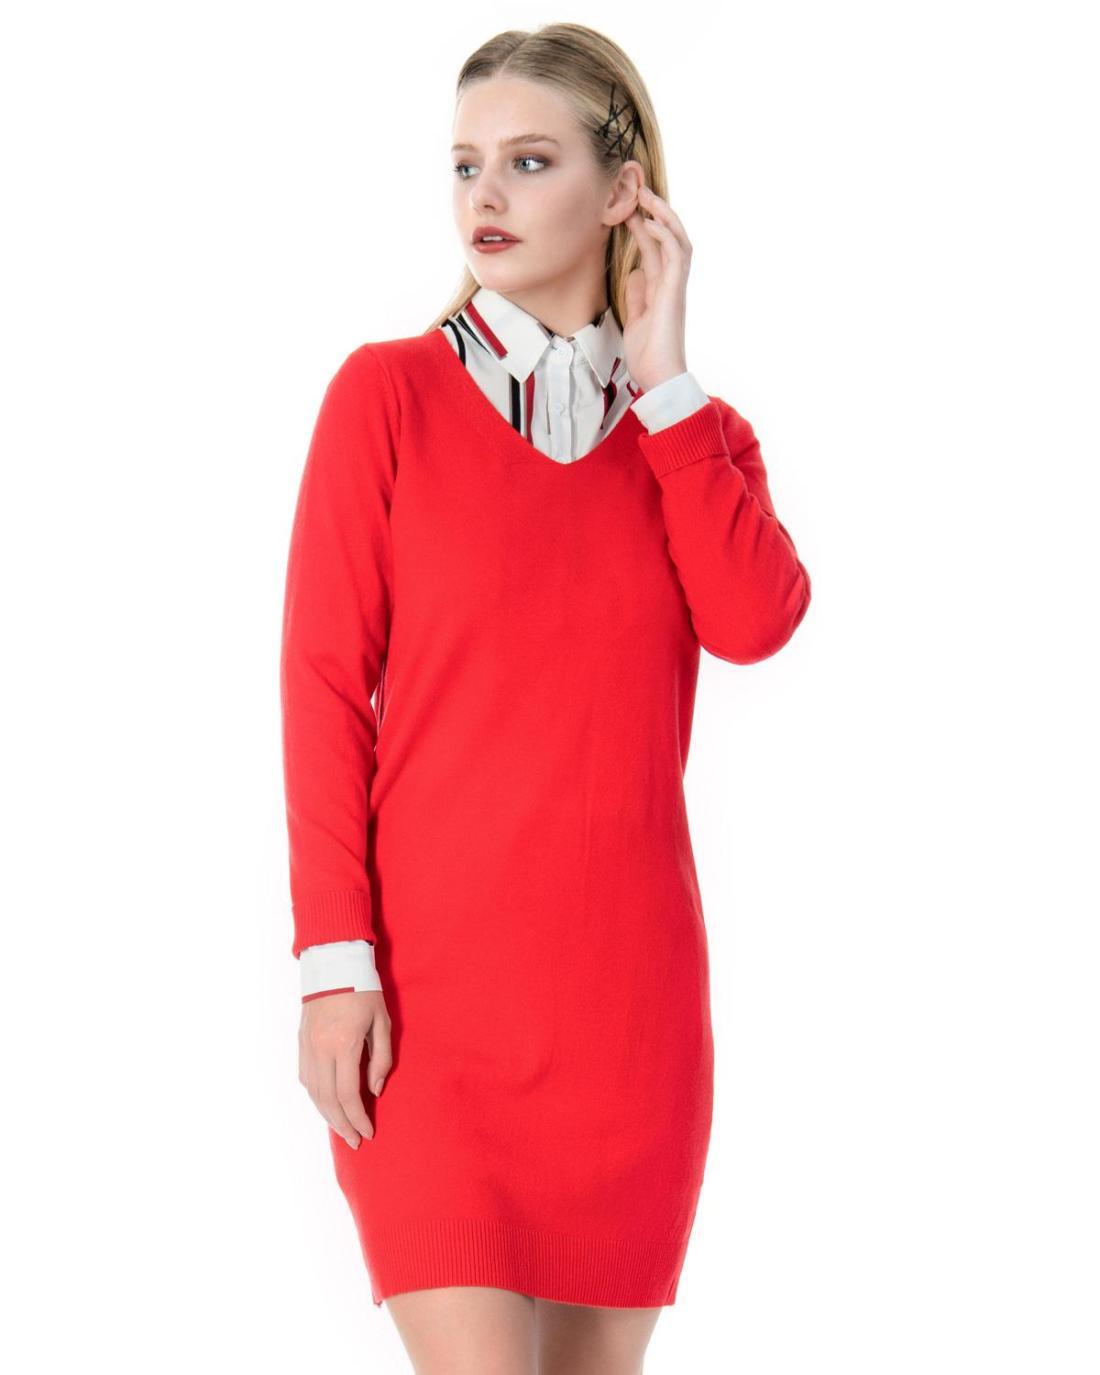 Red shirtdress